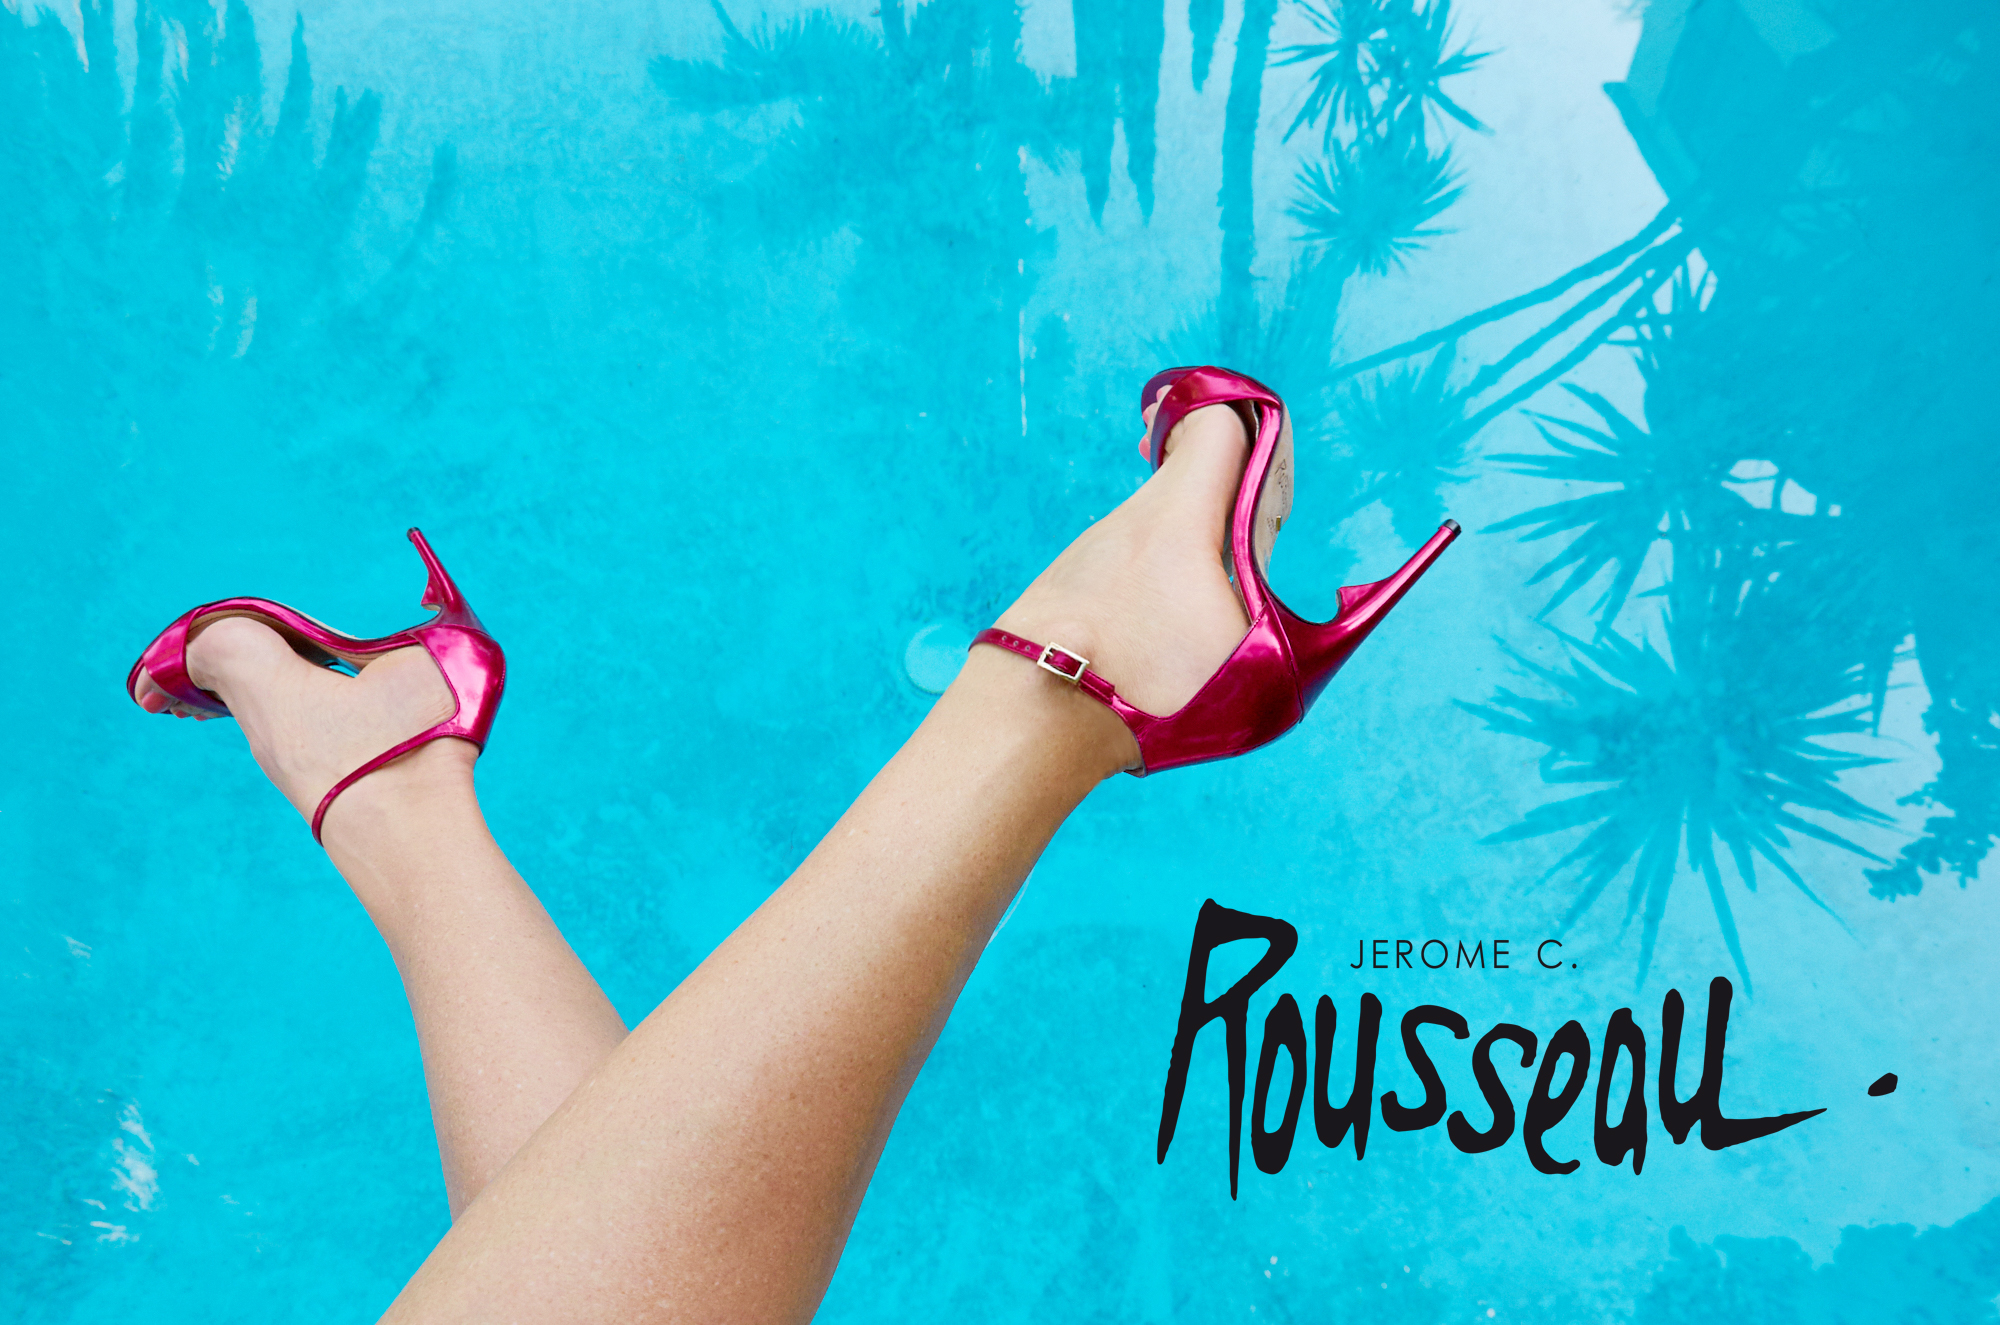 www.jeromecrousseau.com